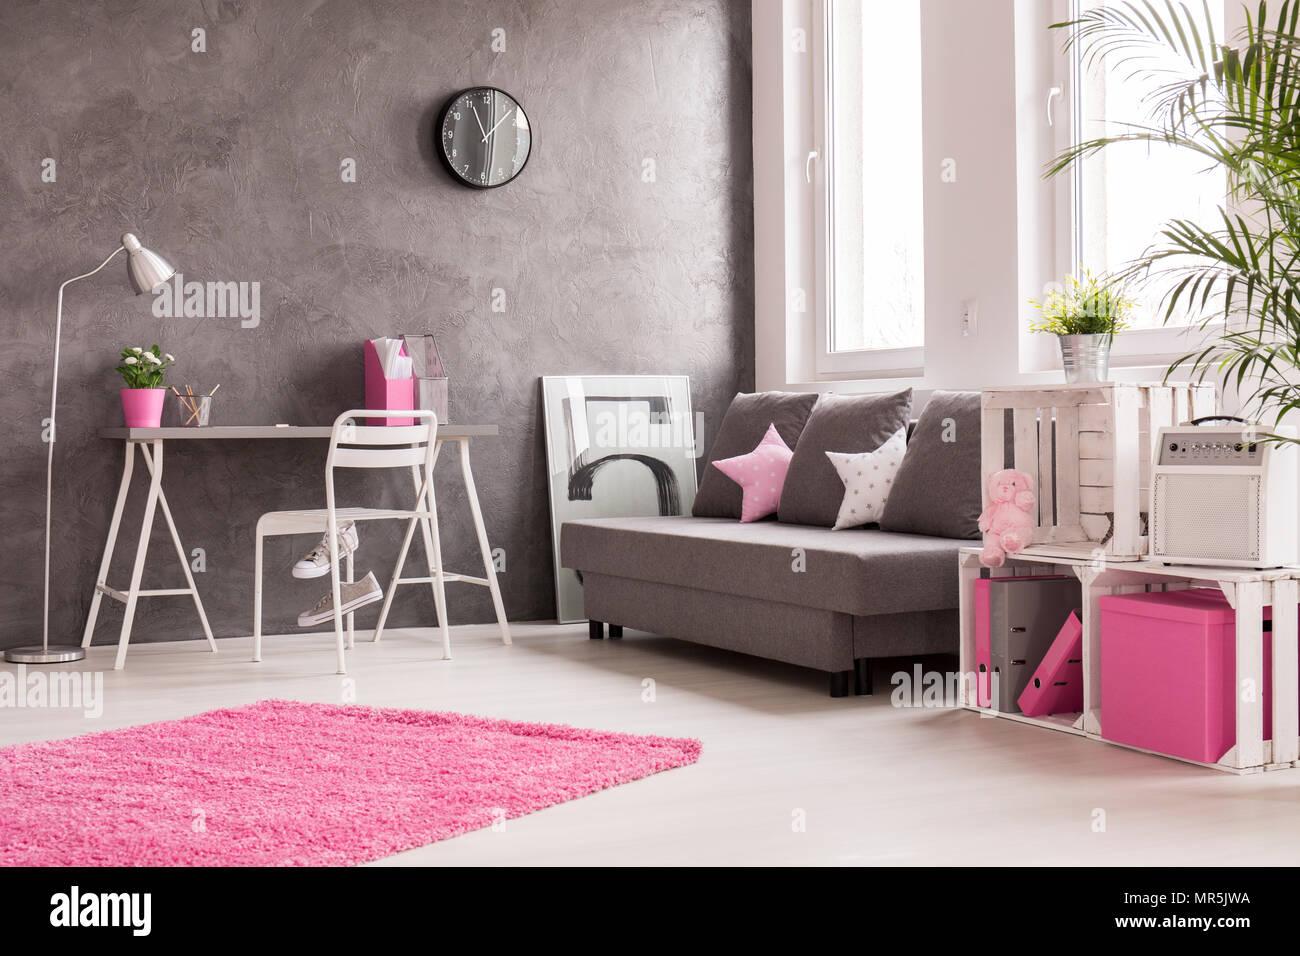 Geräumiges Zimmer In Grau, Rosa Und Weiß Mit Schreibtisch, Büro, Lampe,  Sofa Und Bücherregal